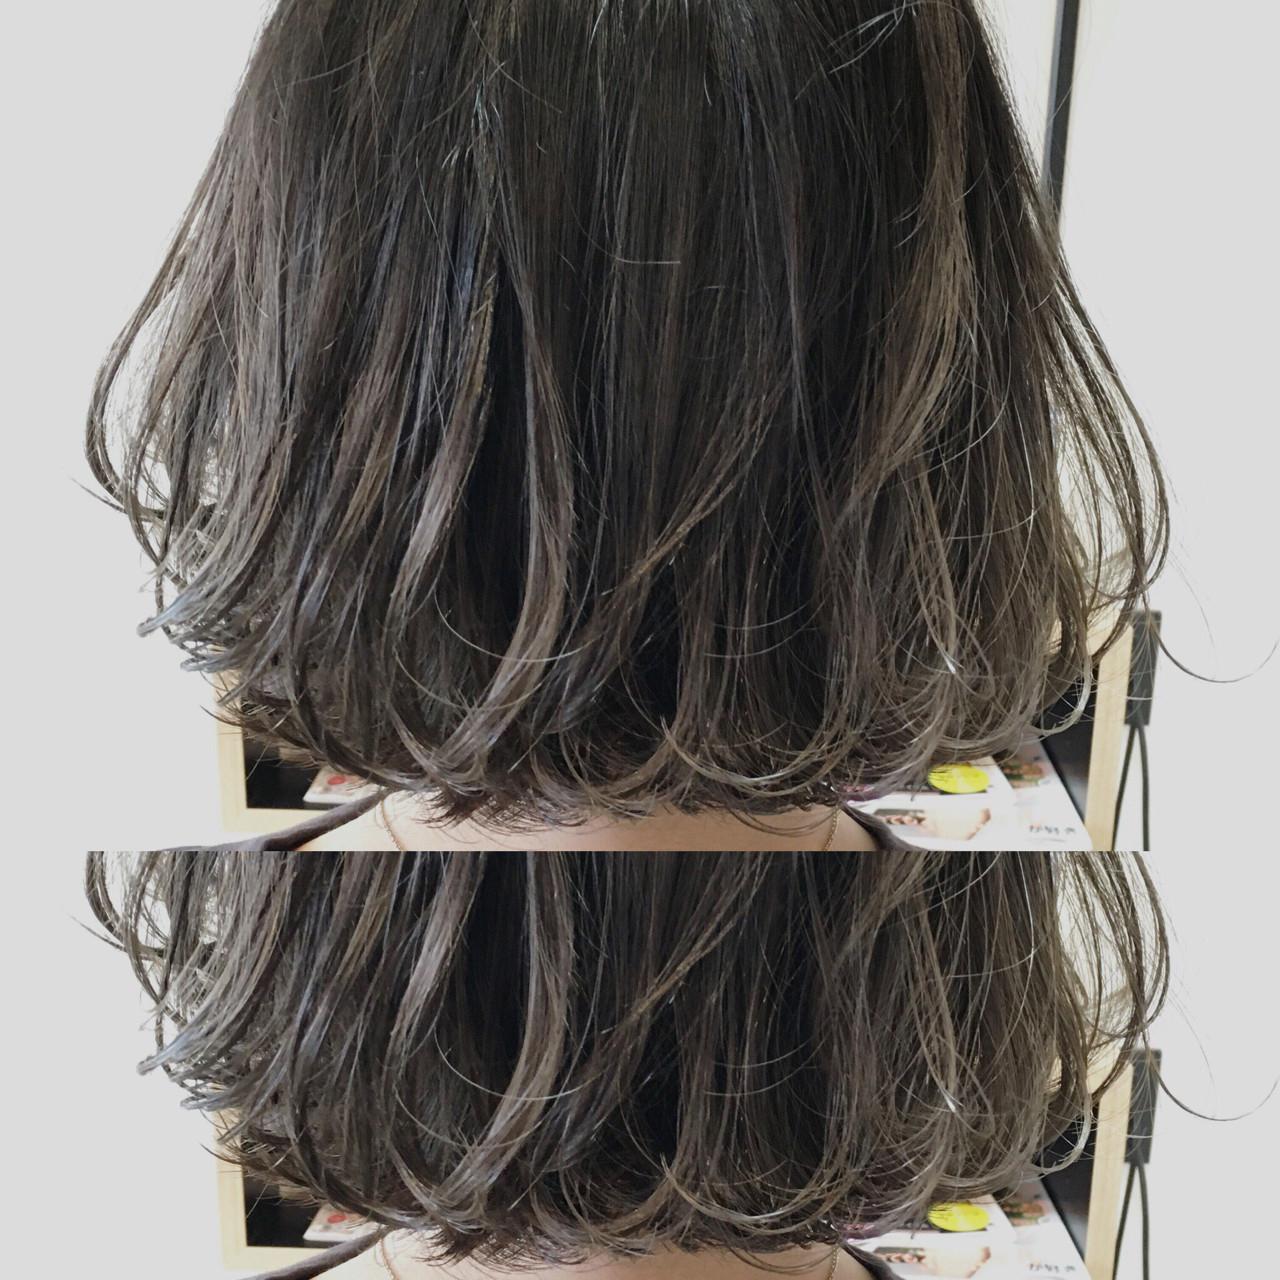 グレージュ ストリート グラデーションカラー ボブ ヘアスタイルや髪型の写真・画像 | 鳥越 ありさ / hair…nail  TLABeS